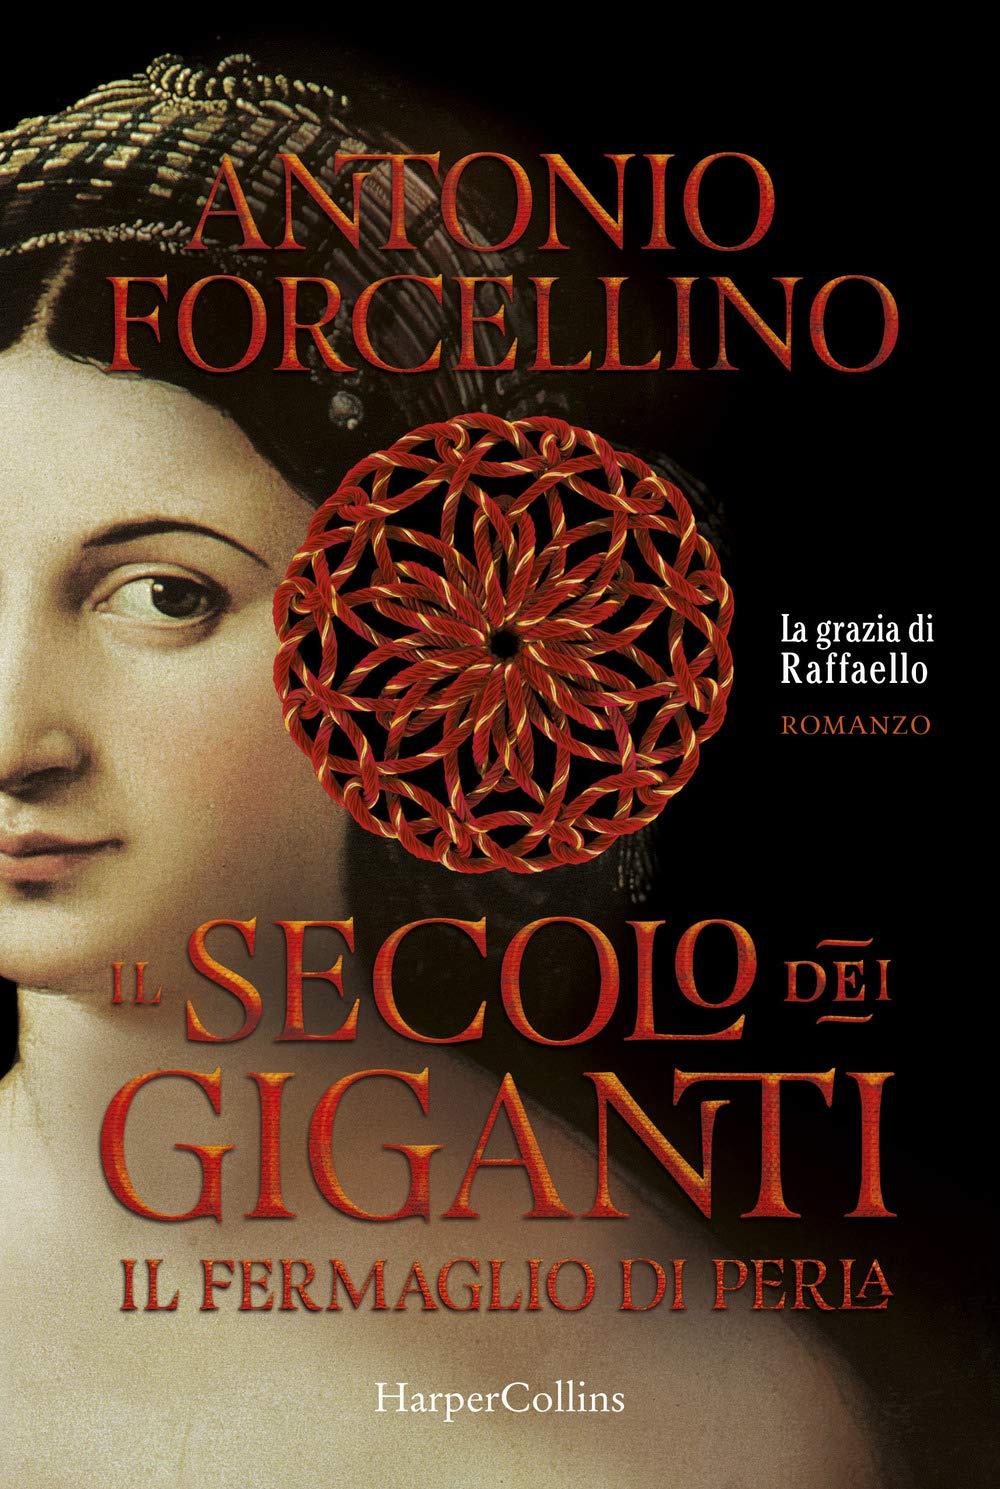 Il Secolo dei Giganti: Il fermaglio di perla Book Cover